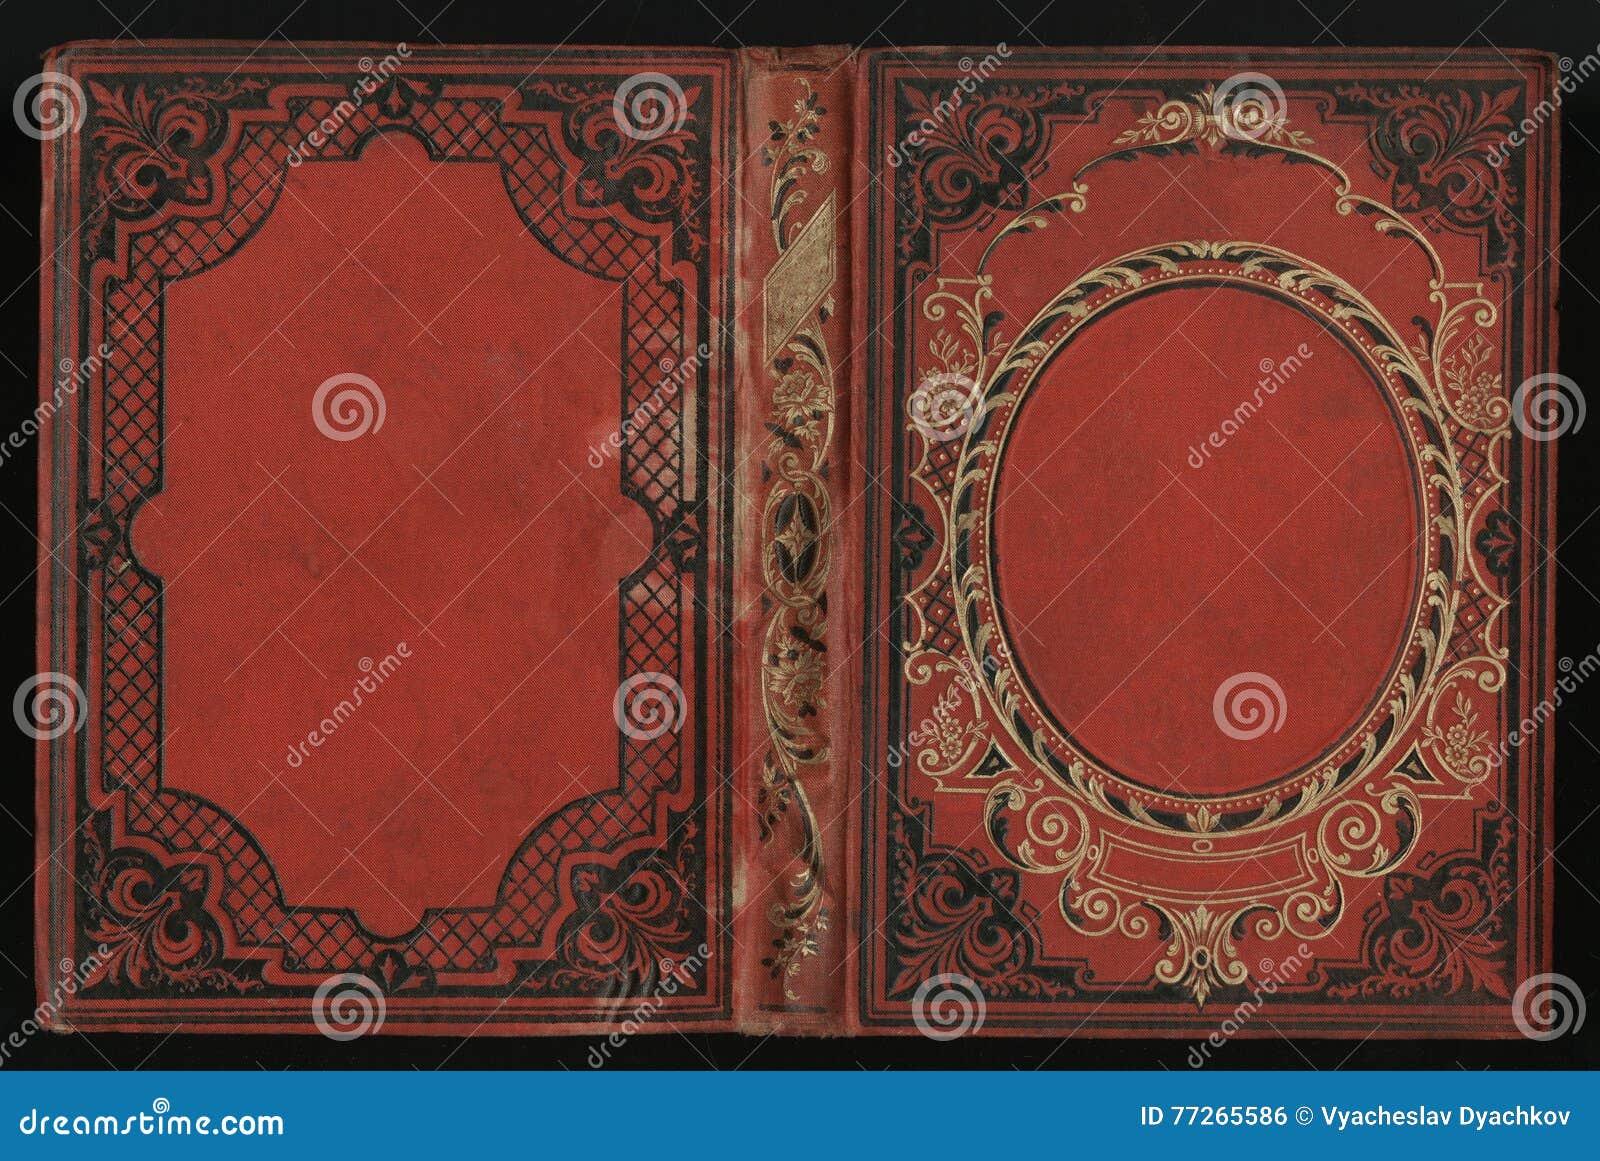 livre avec belle couverture